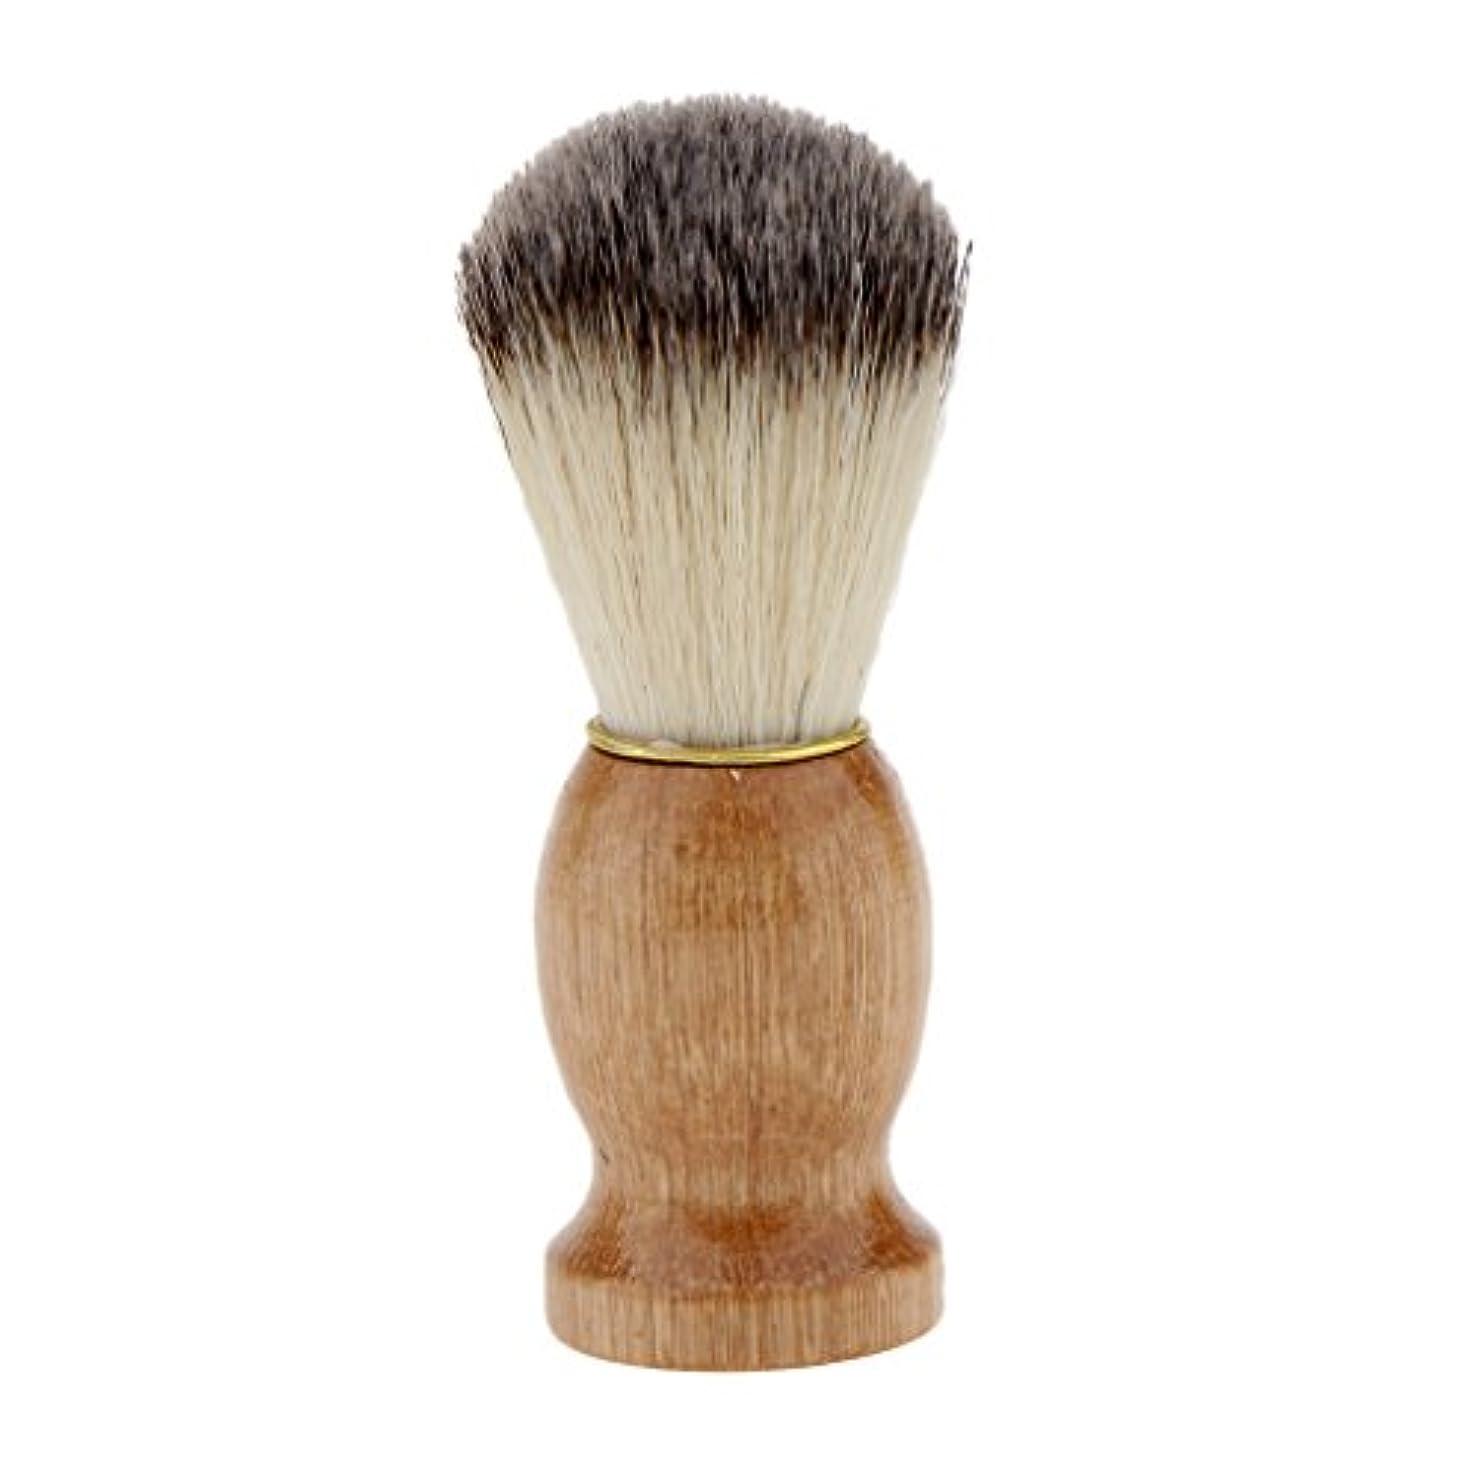 立法フィヨルド正確にシェービングブラシ 木製ハンドル 男性 ひげ剃りブラシ ひげ クレンジング